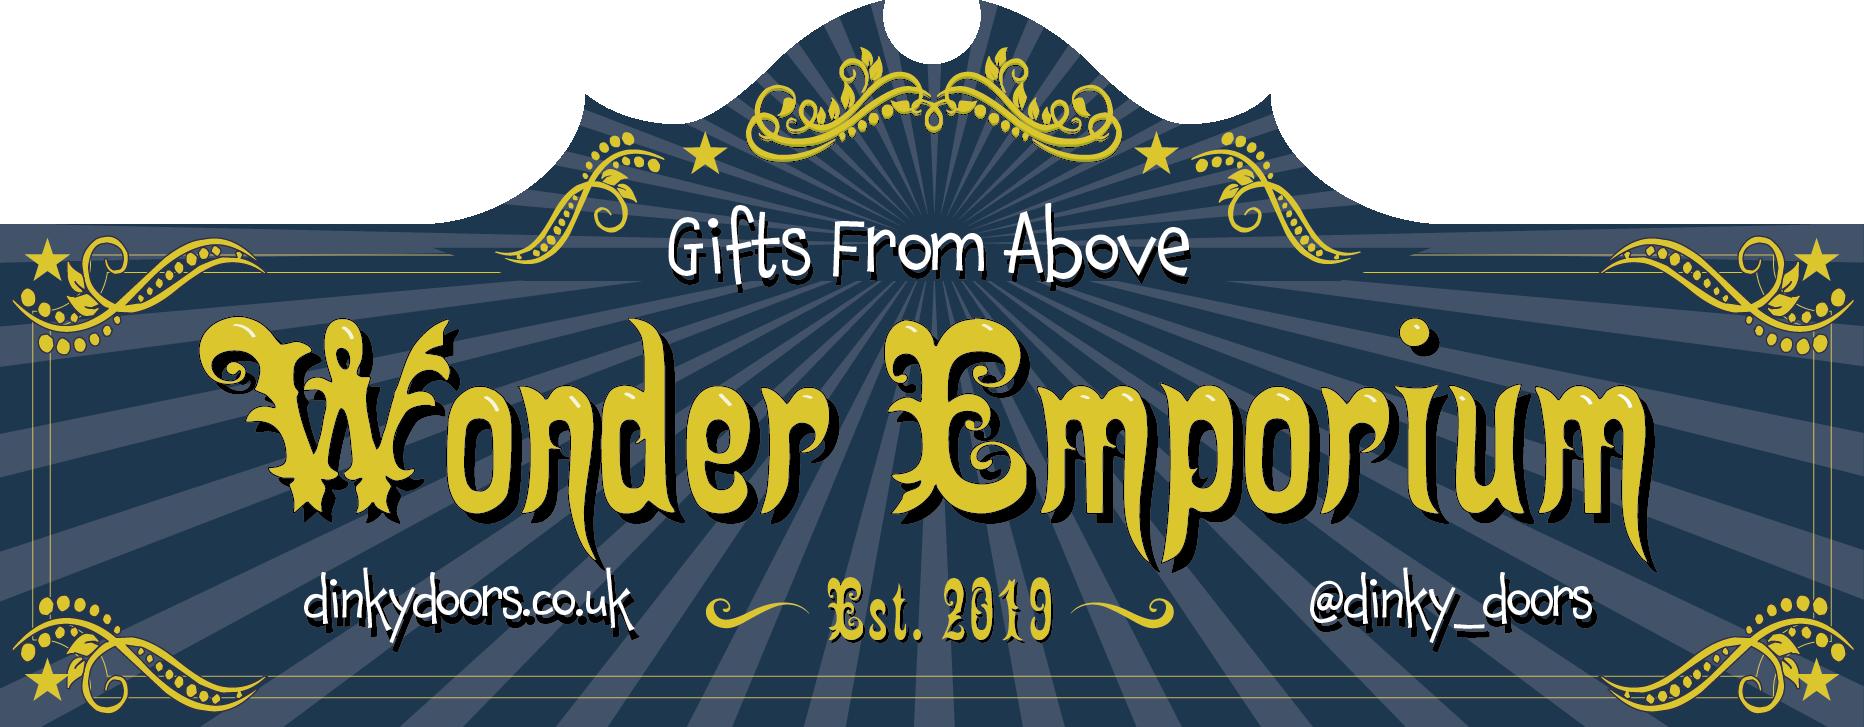 WOnder Emporium header.png